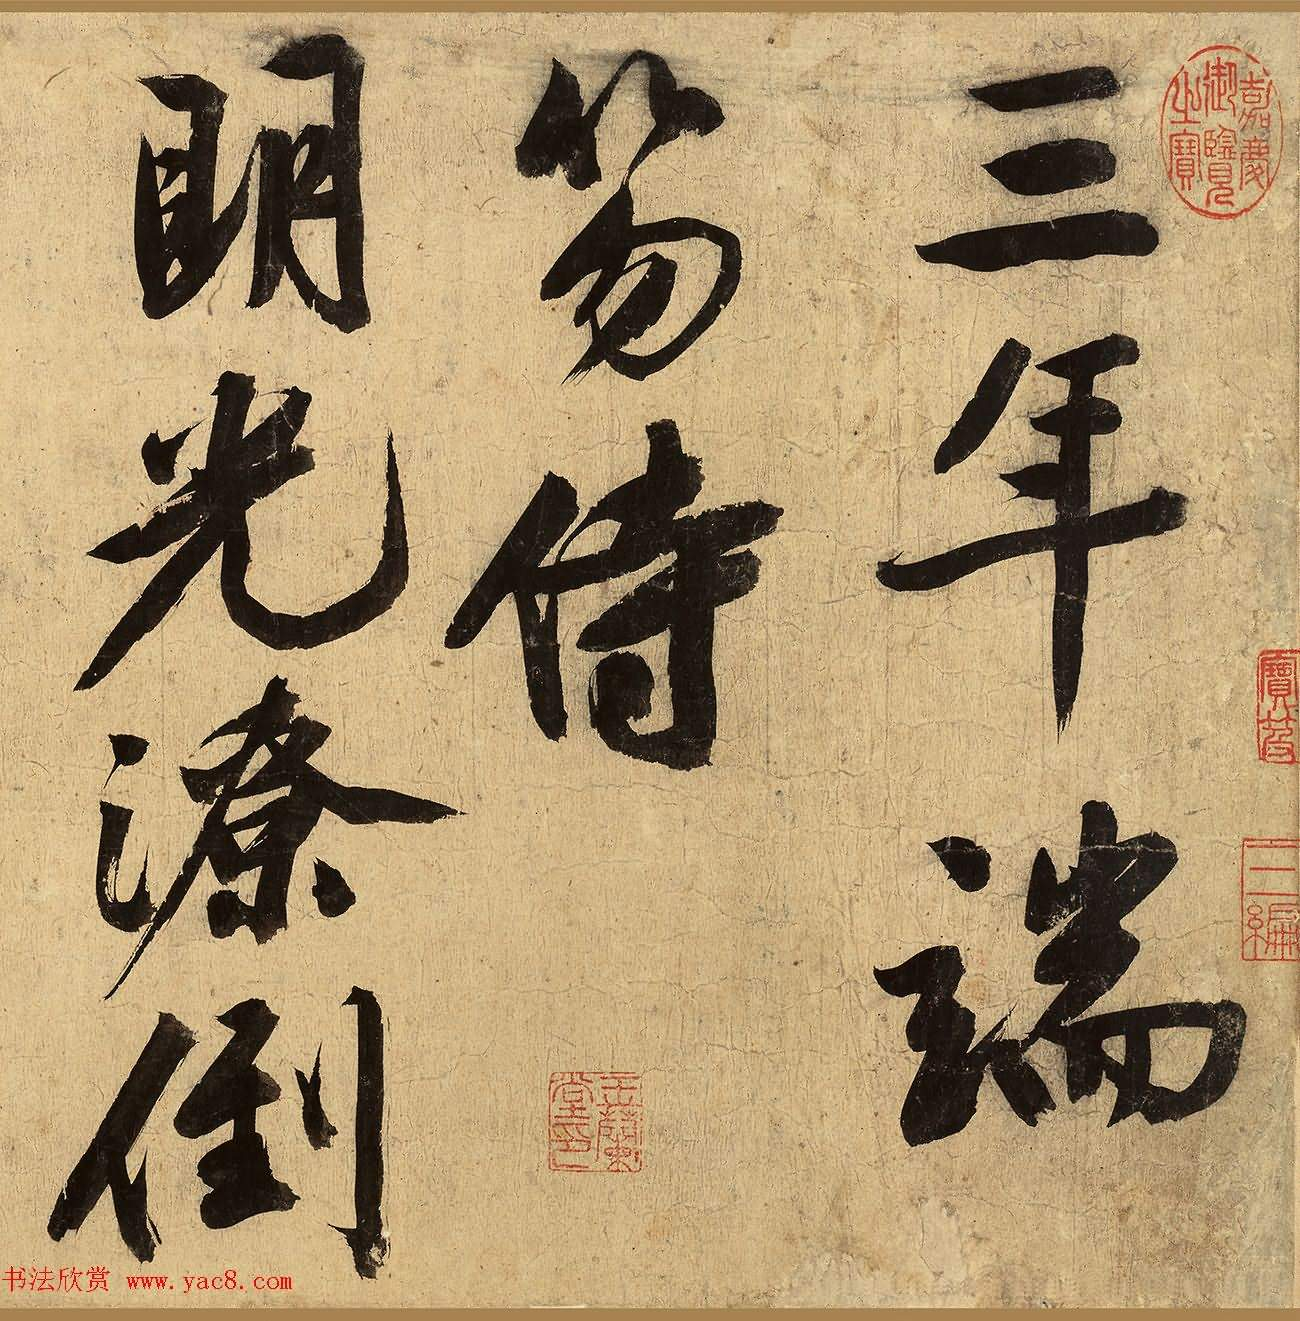 文徵明大字行楷書《憶昔次陳魯南韻》(共15張圖片)